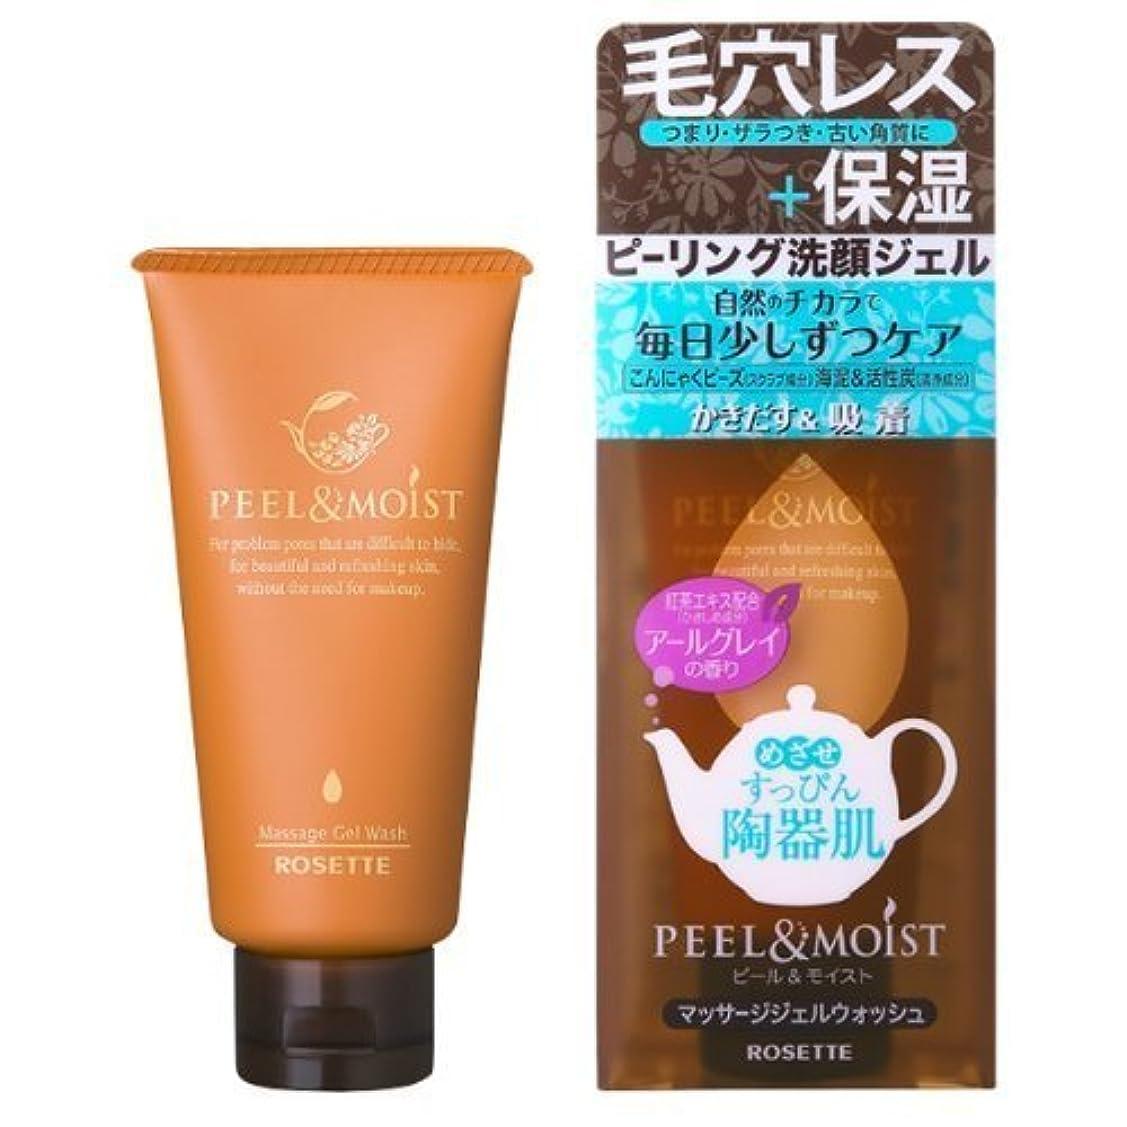 ロゼット R40% スーパーうるおいリフトアップ洗顔フォーム 168g もっちりタイプの植物性洗顔フォーム スズランのやさしい香り×48点セット (4901696532591)